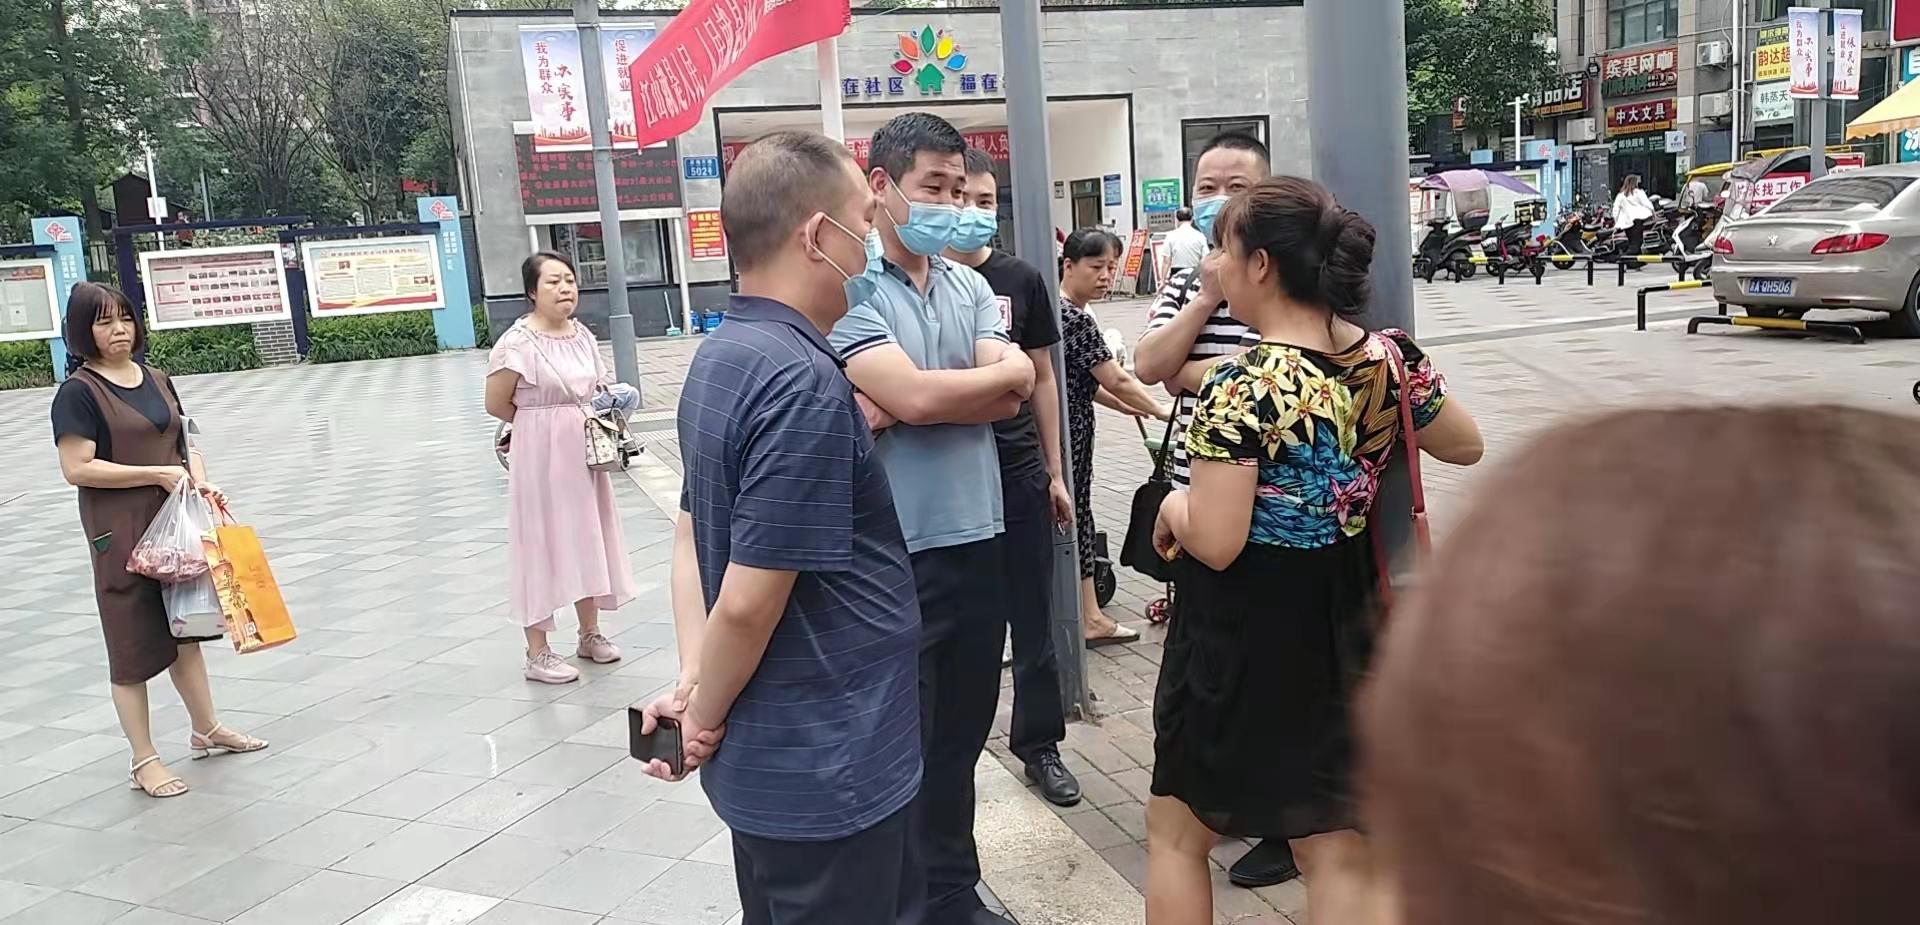 9月15日是重慶市公安局信訪辦局長接待日。唐雲淑剛下樓就被戶籍地豐都縣公安局人員圍住,最後將她帶走。目前唐雲淑下落不明。(受訪者提供)